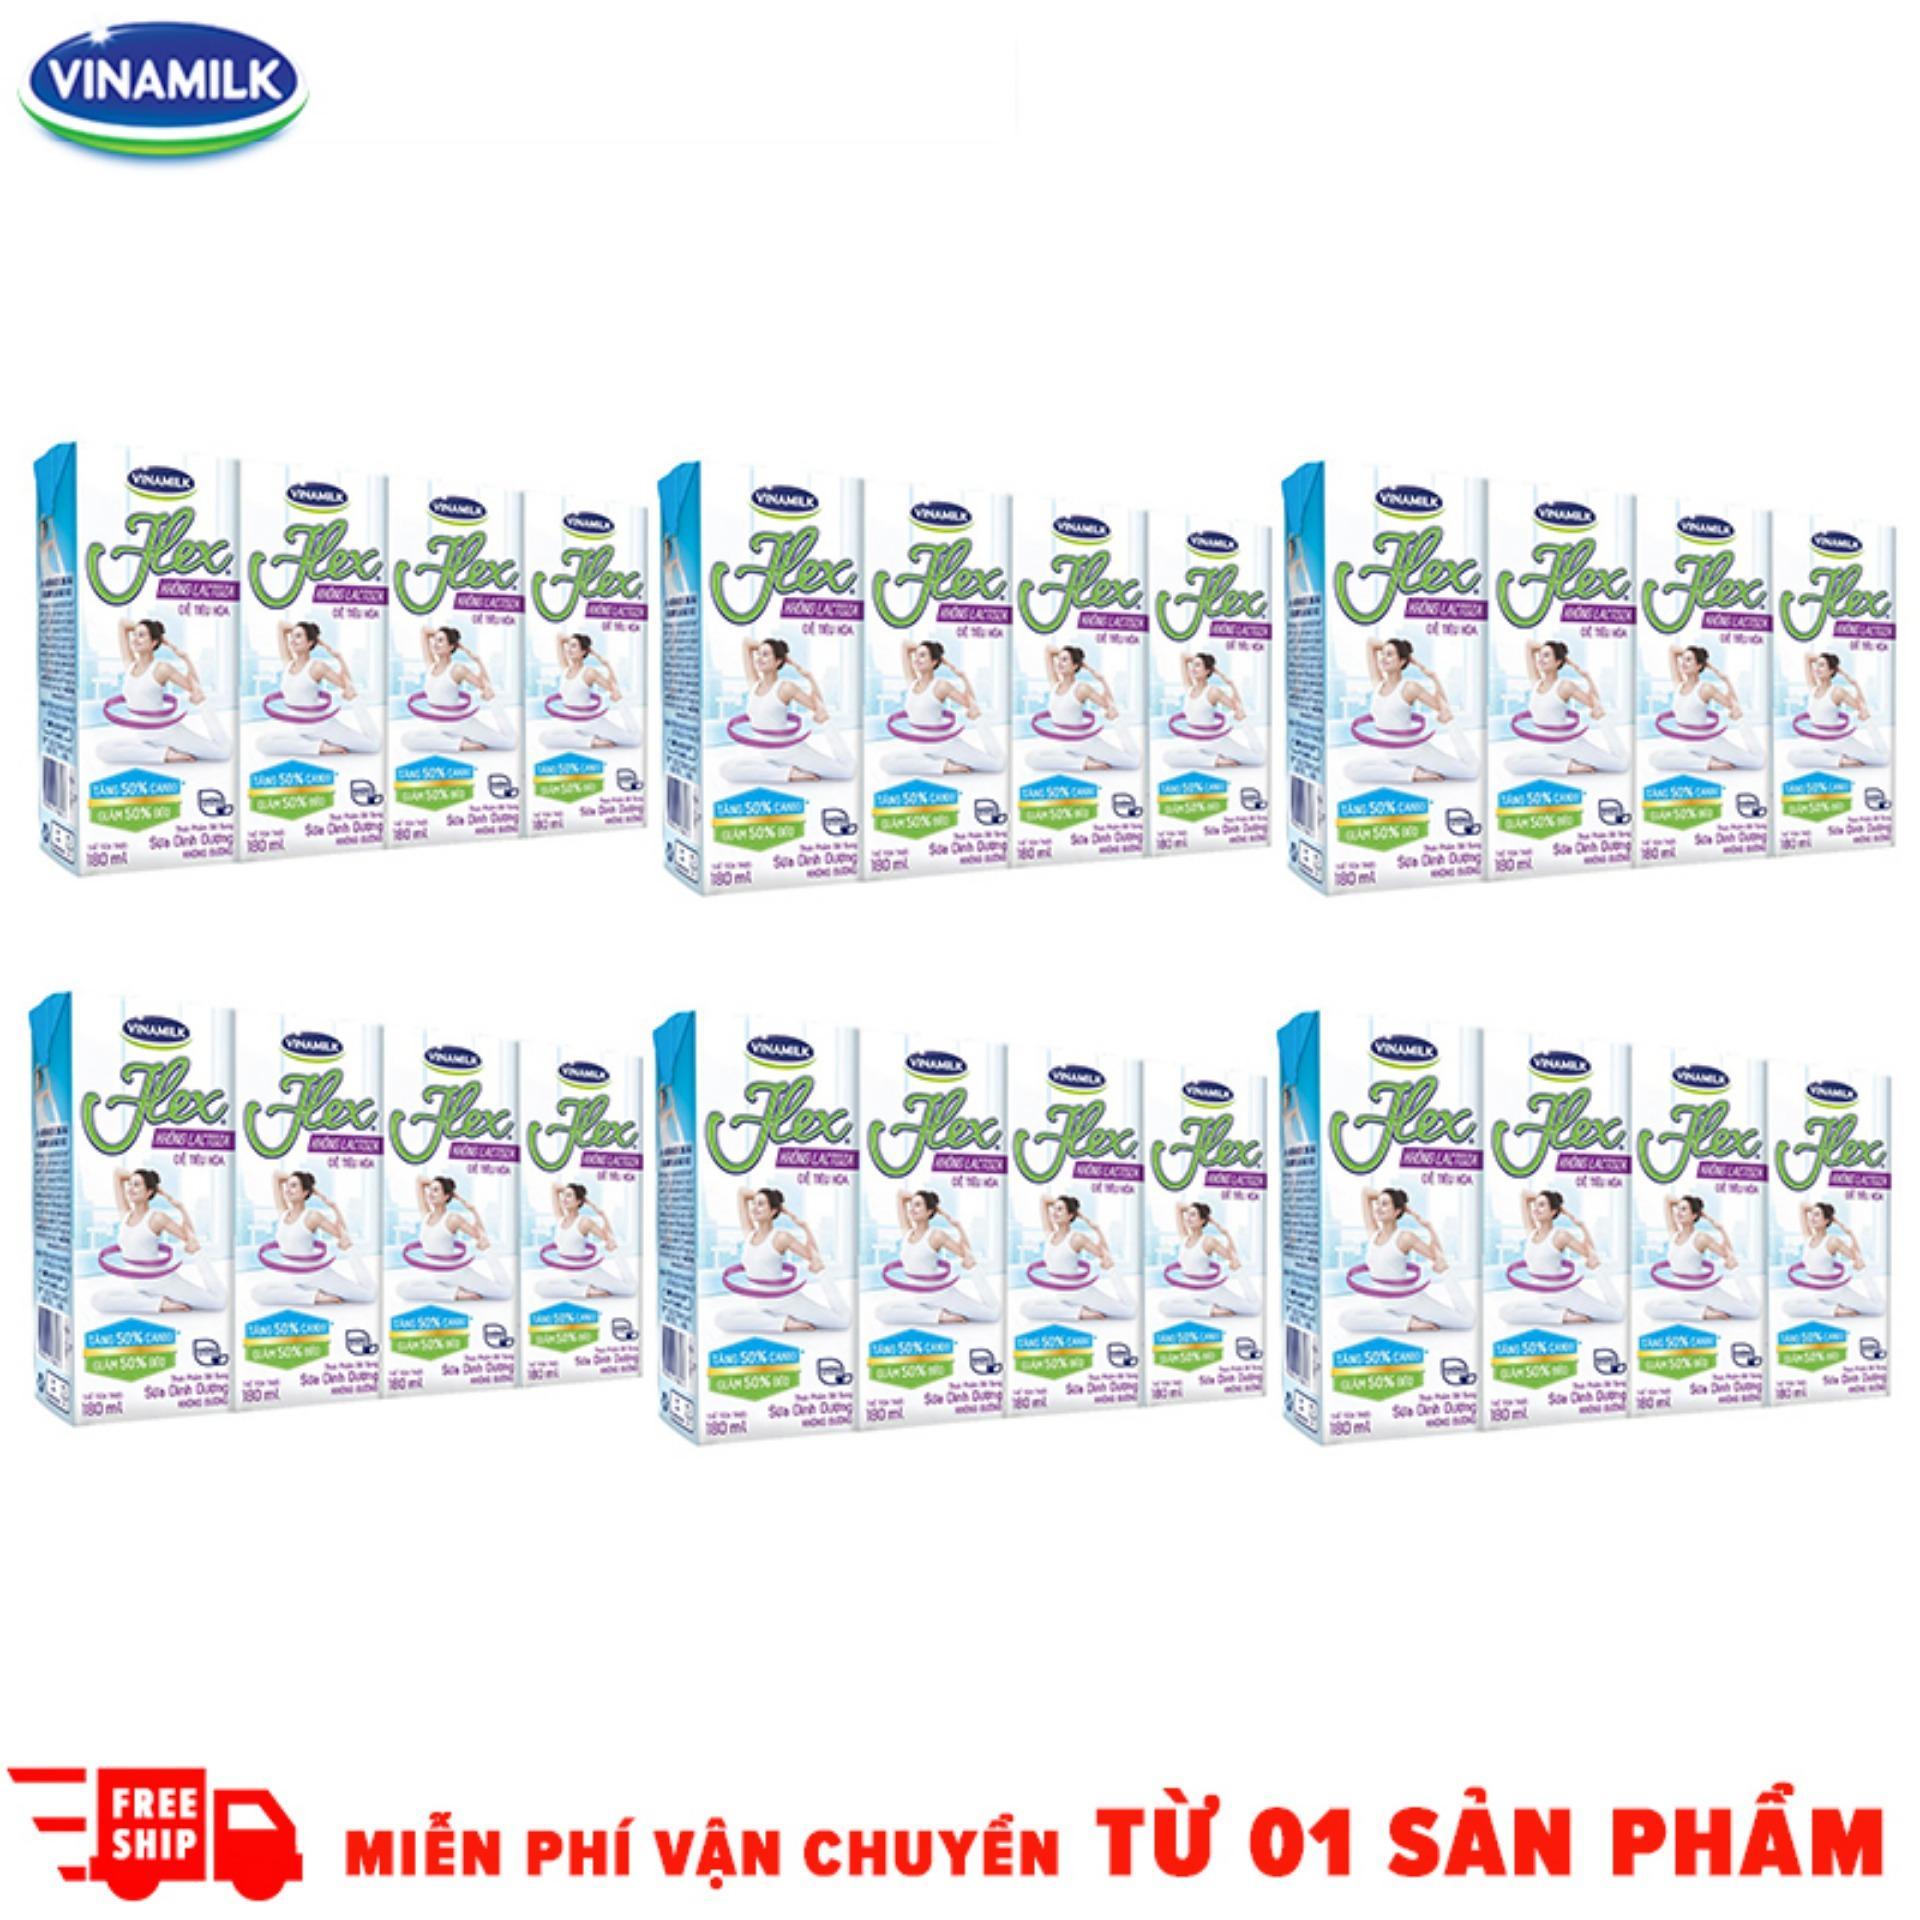 Bộ 6 Lốc Sữa tiệt trùng Flex không Lactose 4 hộp x 180ml